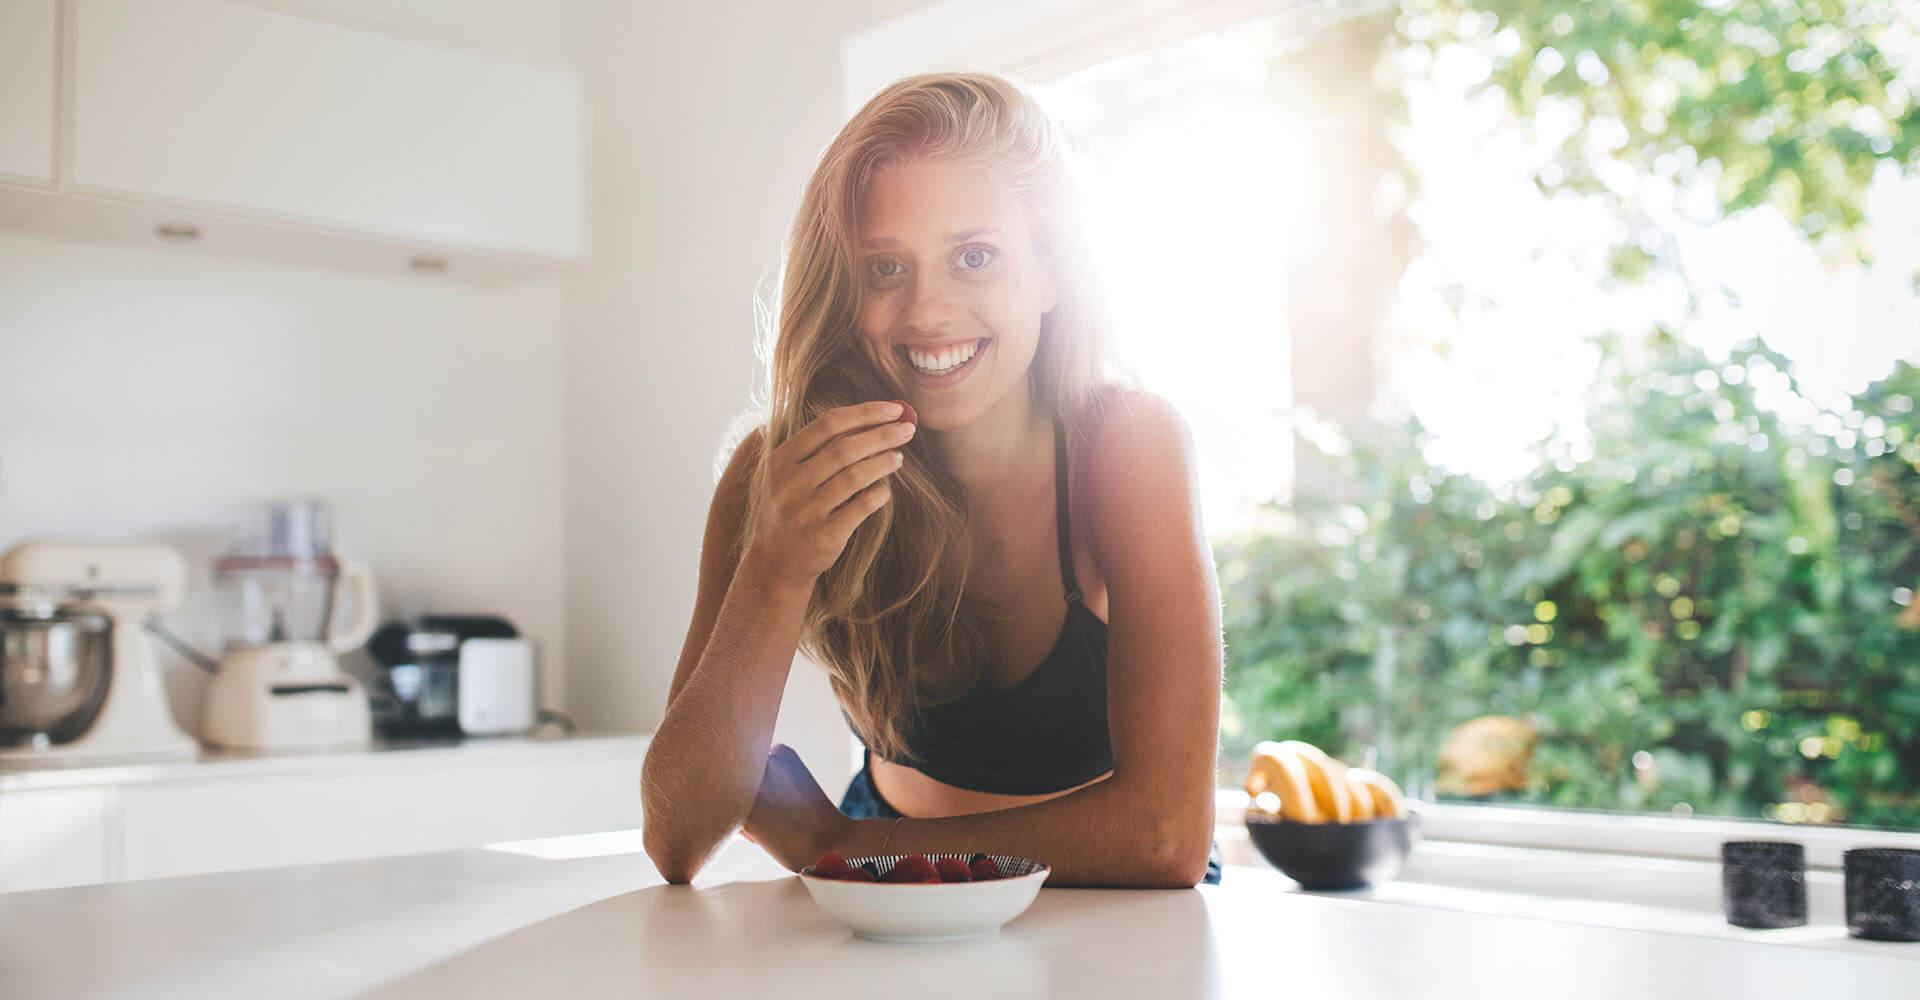 Junge Frau steht lächelnd in der Küche und isst Früchte